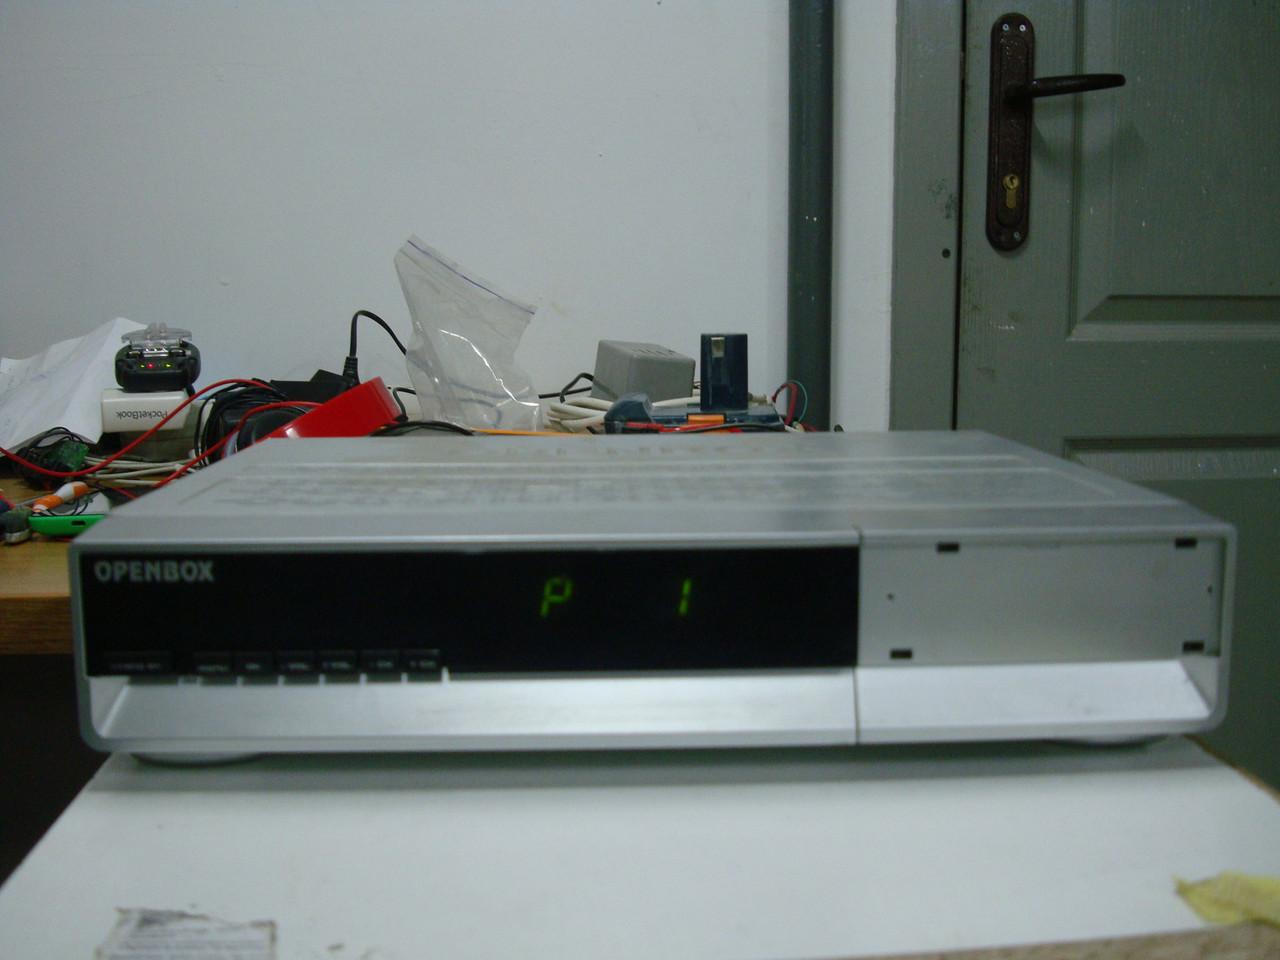 Б/у спутниковый ресивер openbox x-800